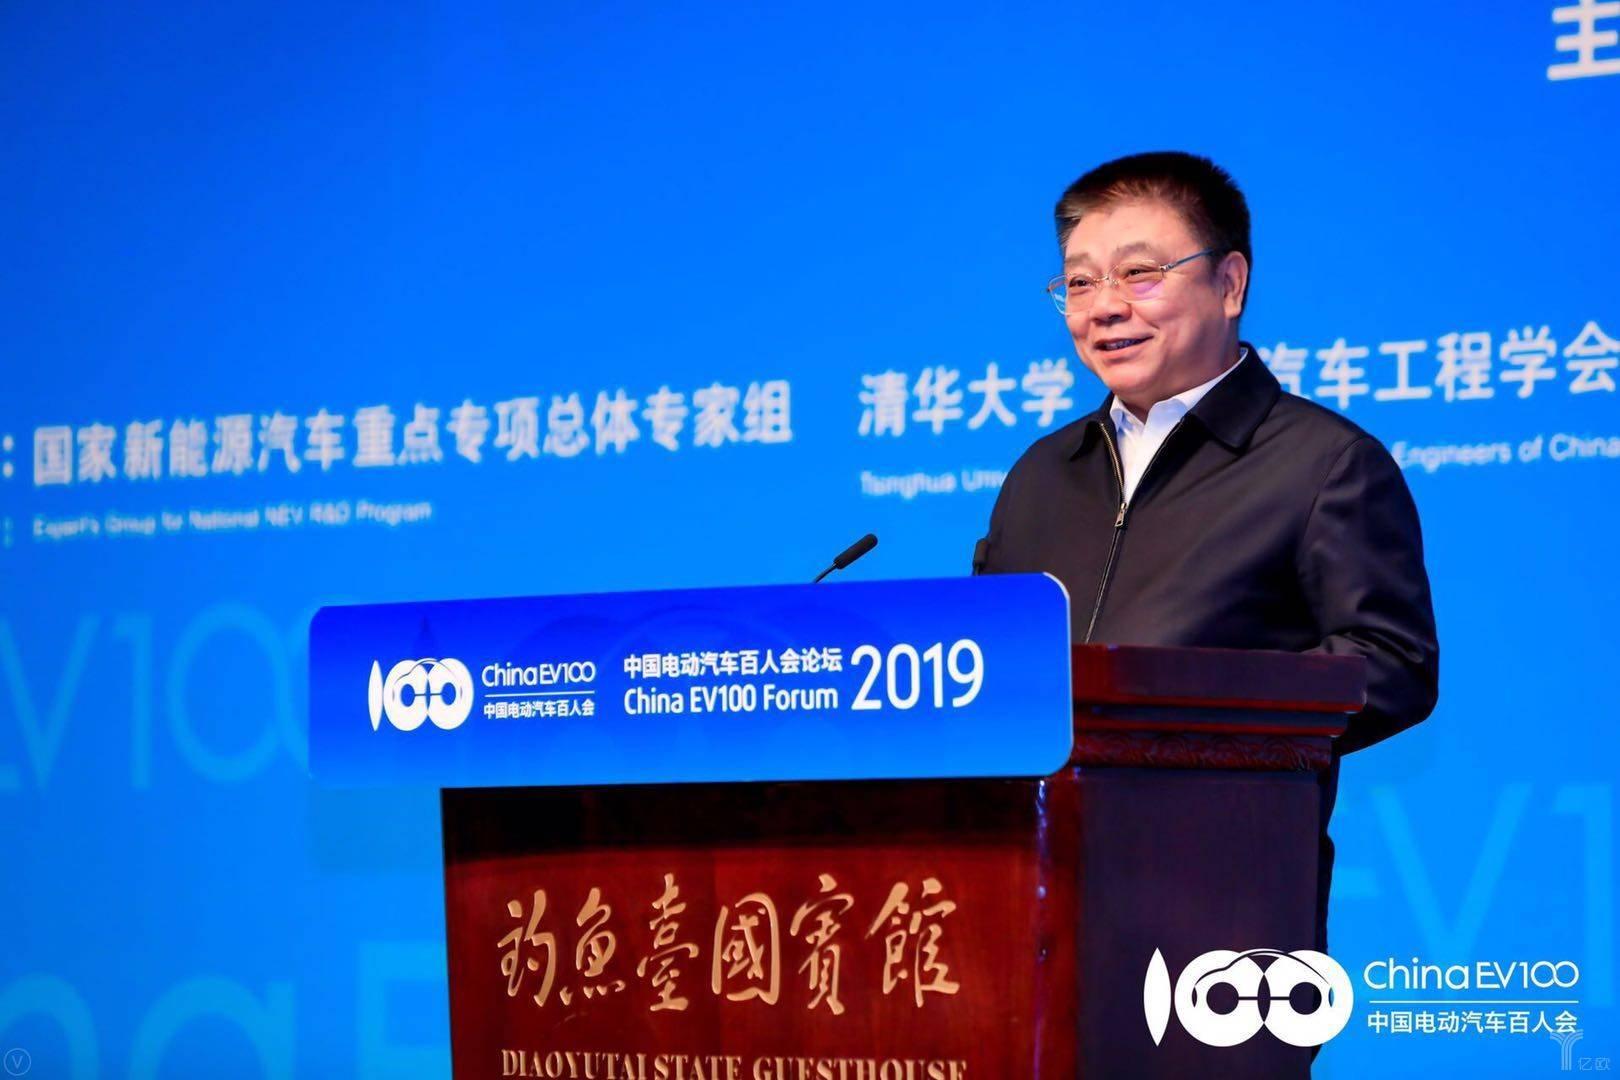 住建部部长王蒙徽:汽车智能化是科学进步的必然趋势